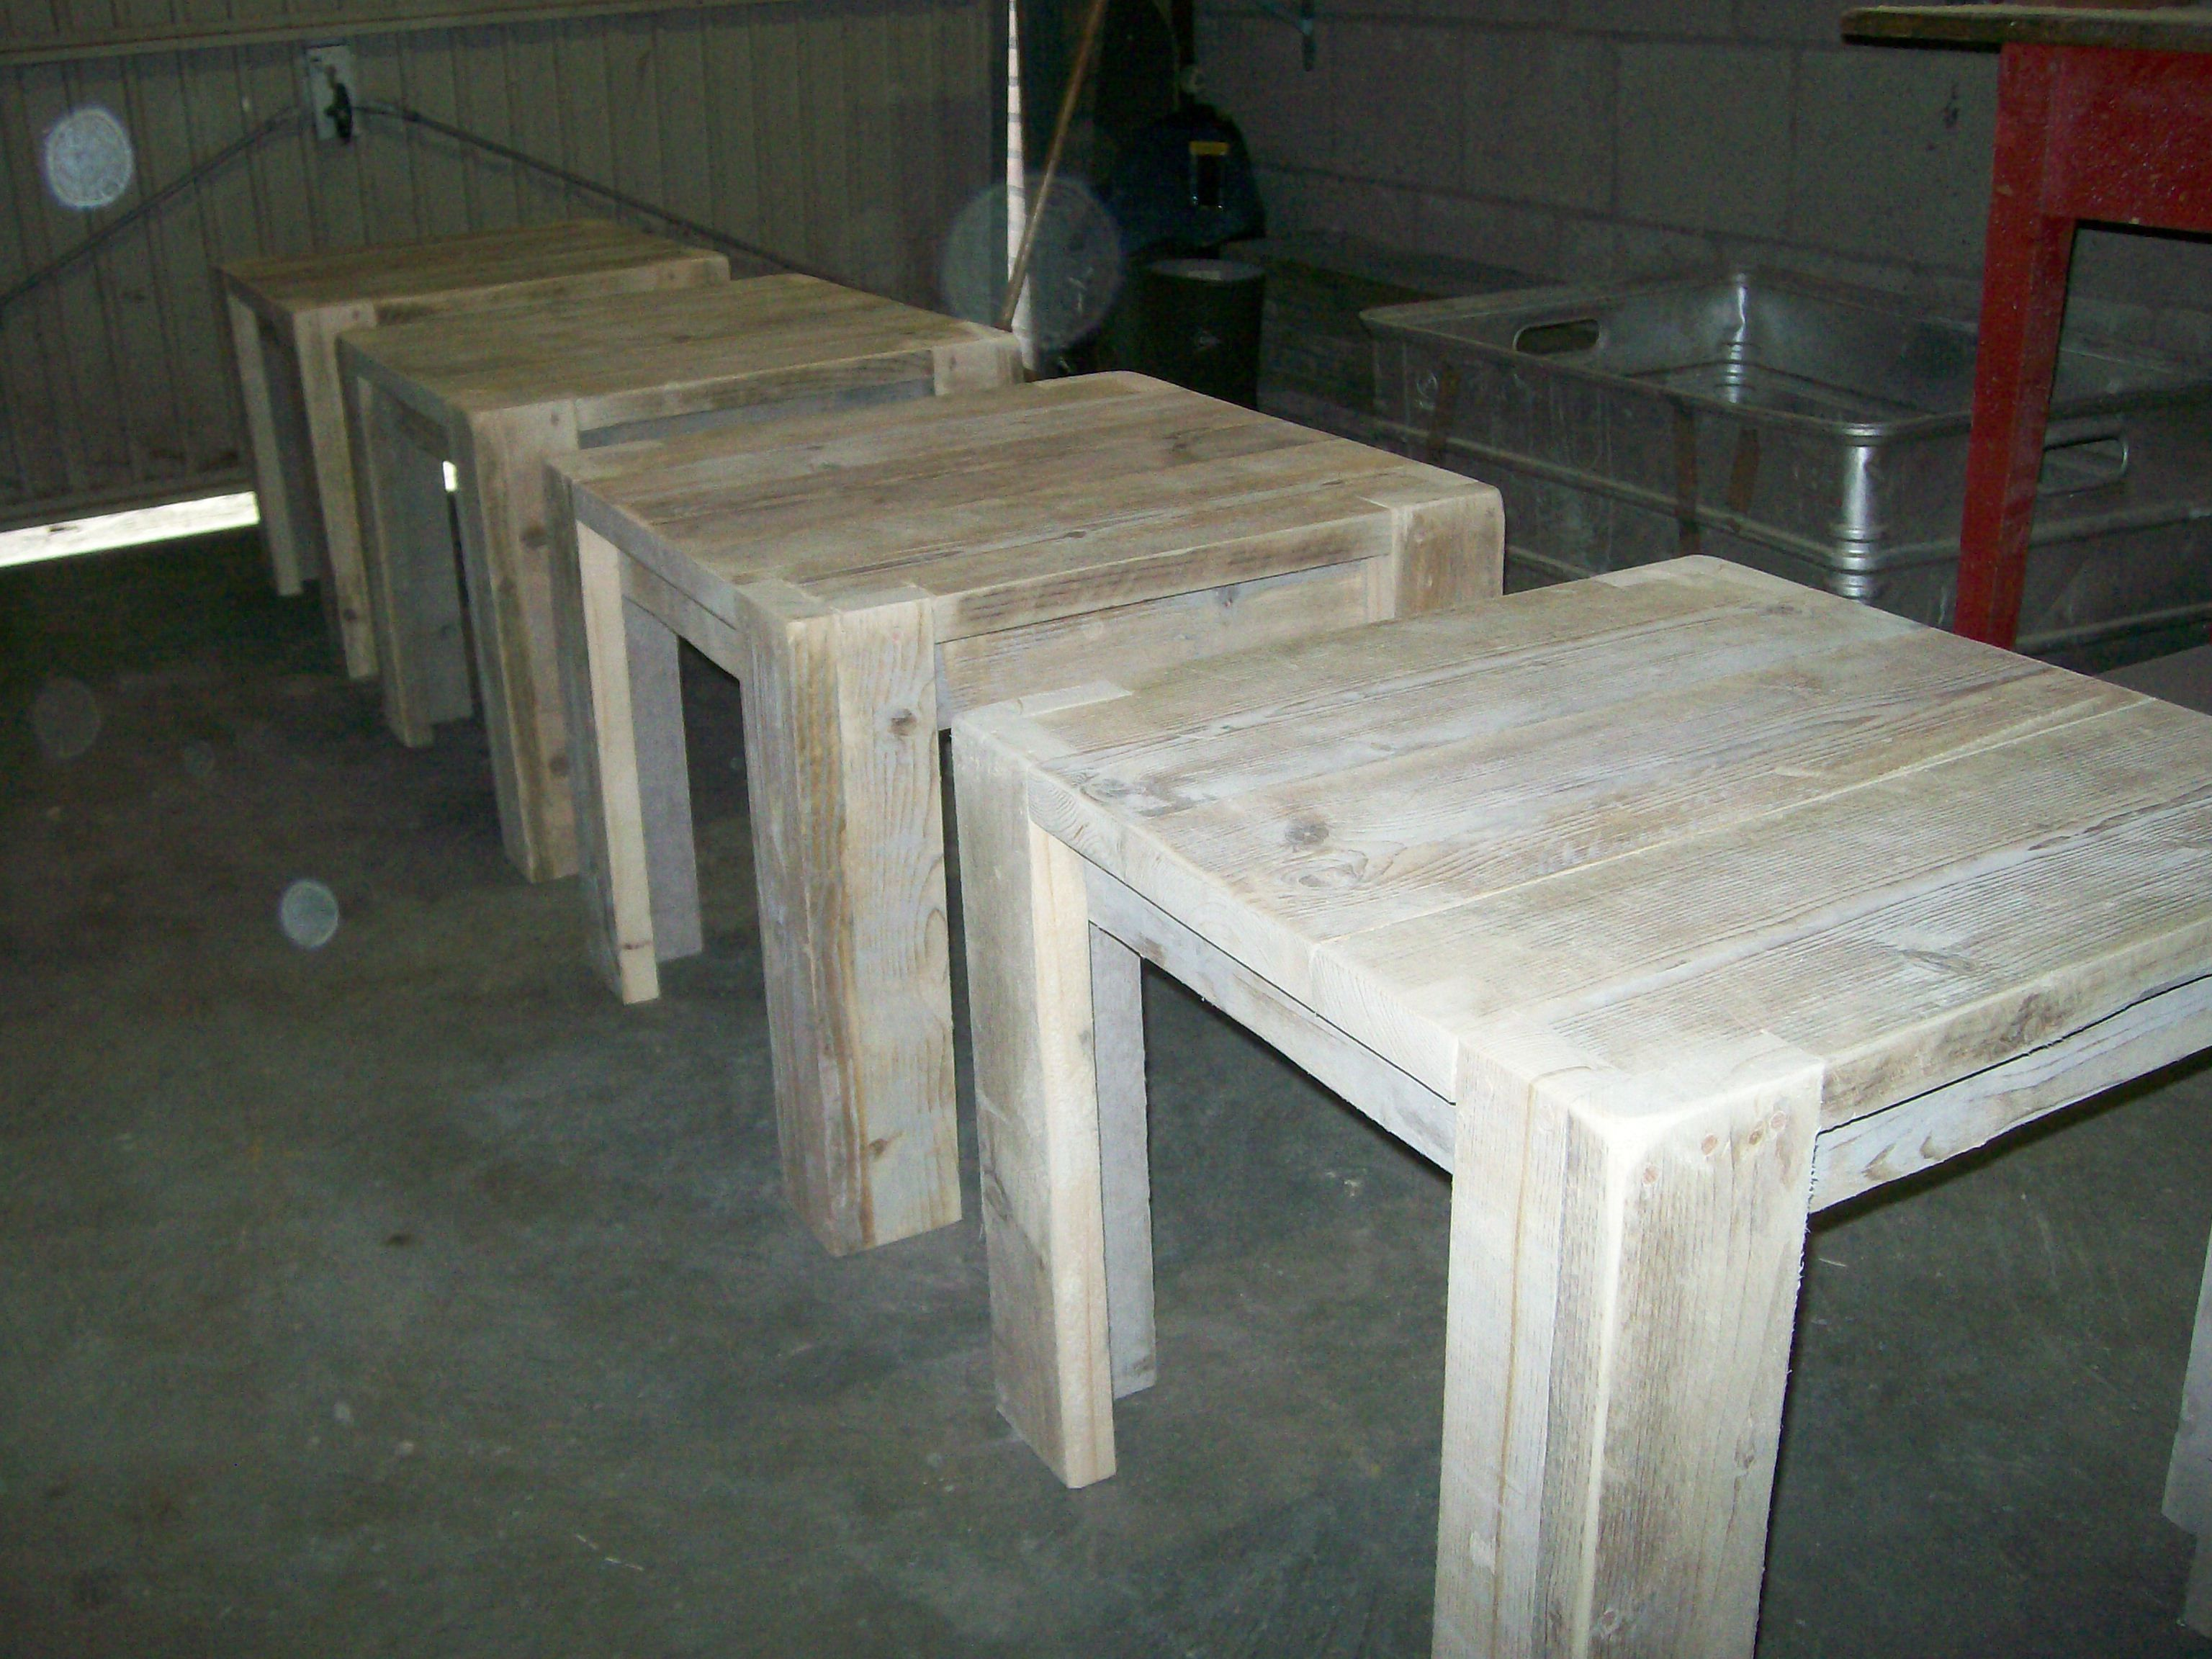 Meubels Voor Buiten : Steigerhouten meubels meubels op maat buiten meubels meubels